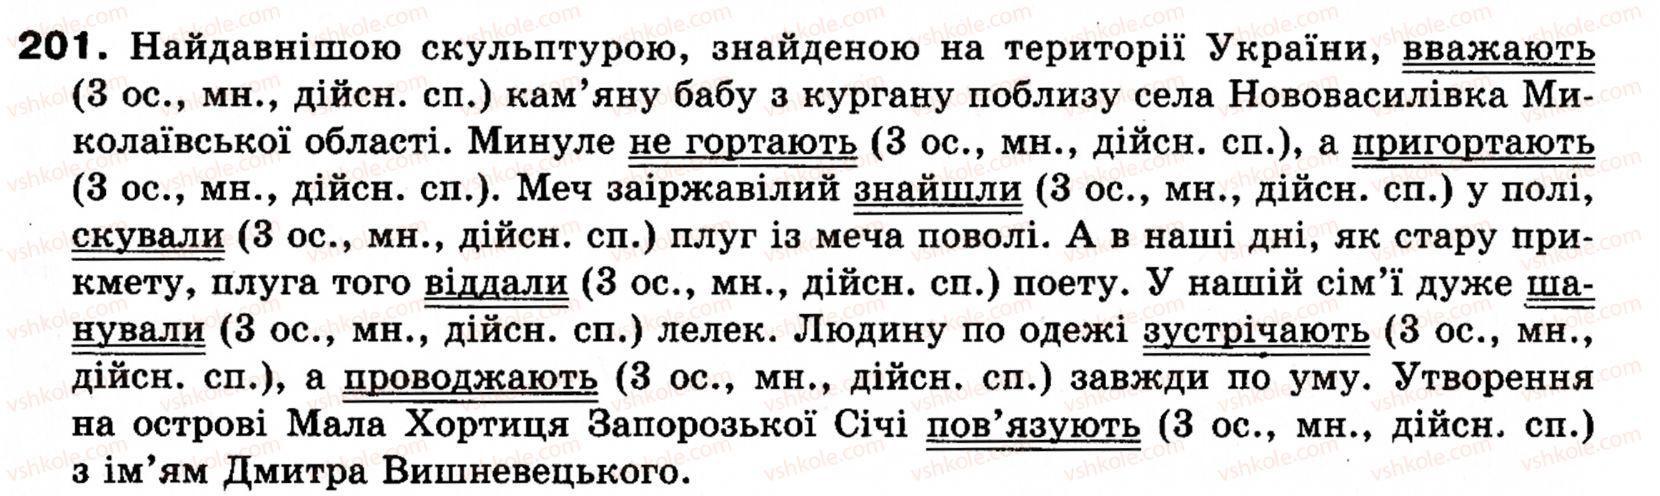 гдз 8 клас української мови глазова